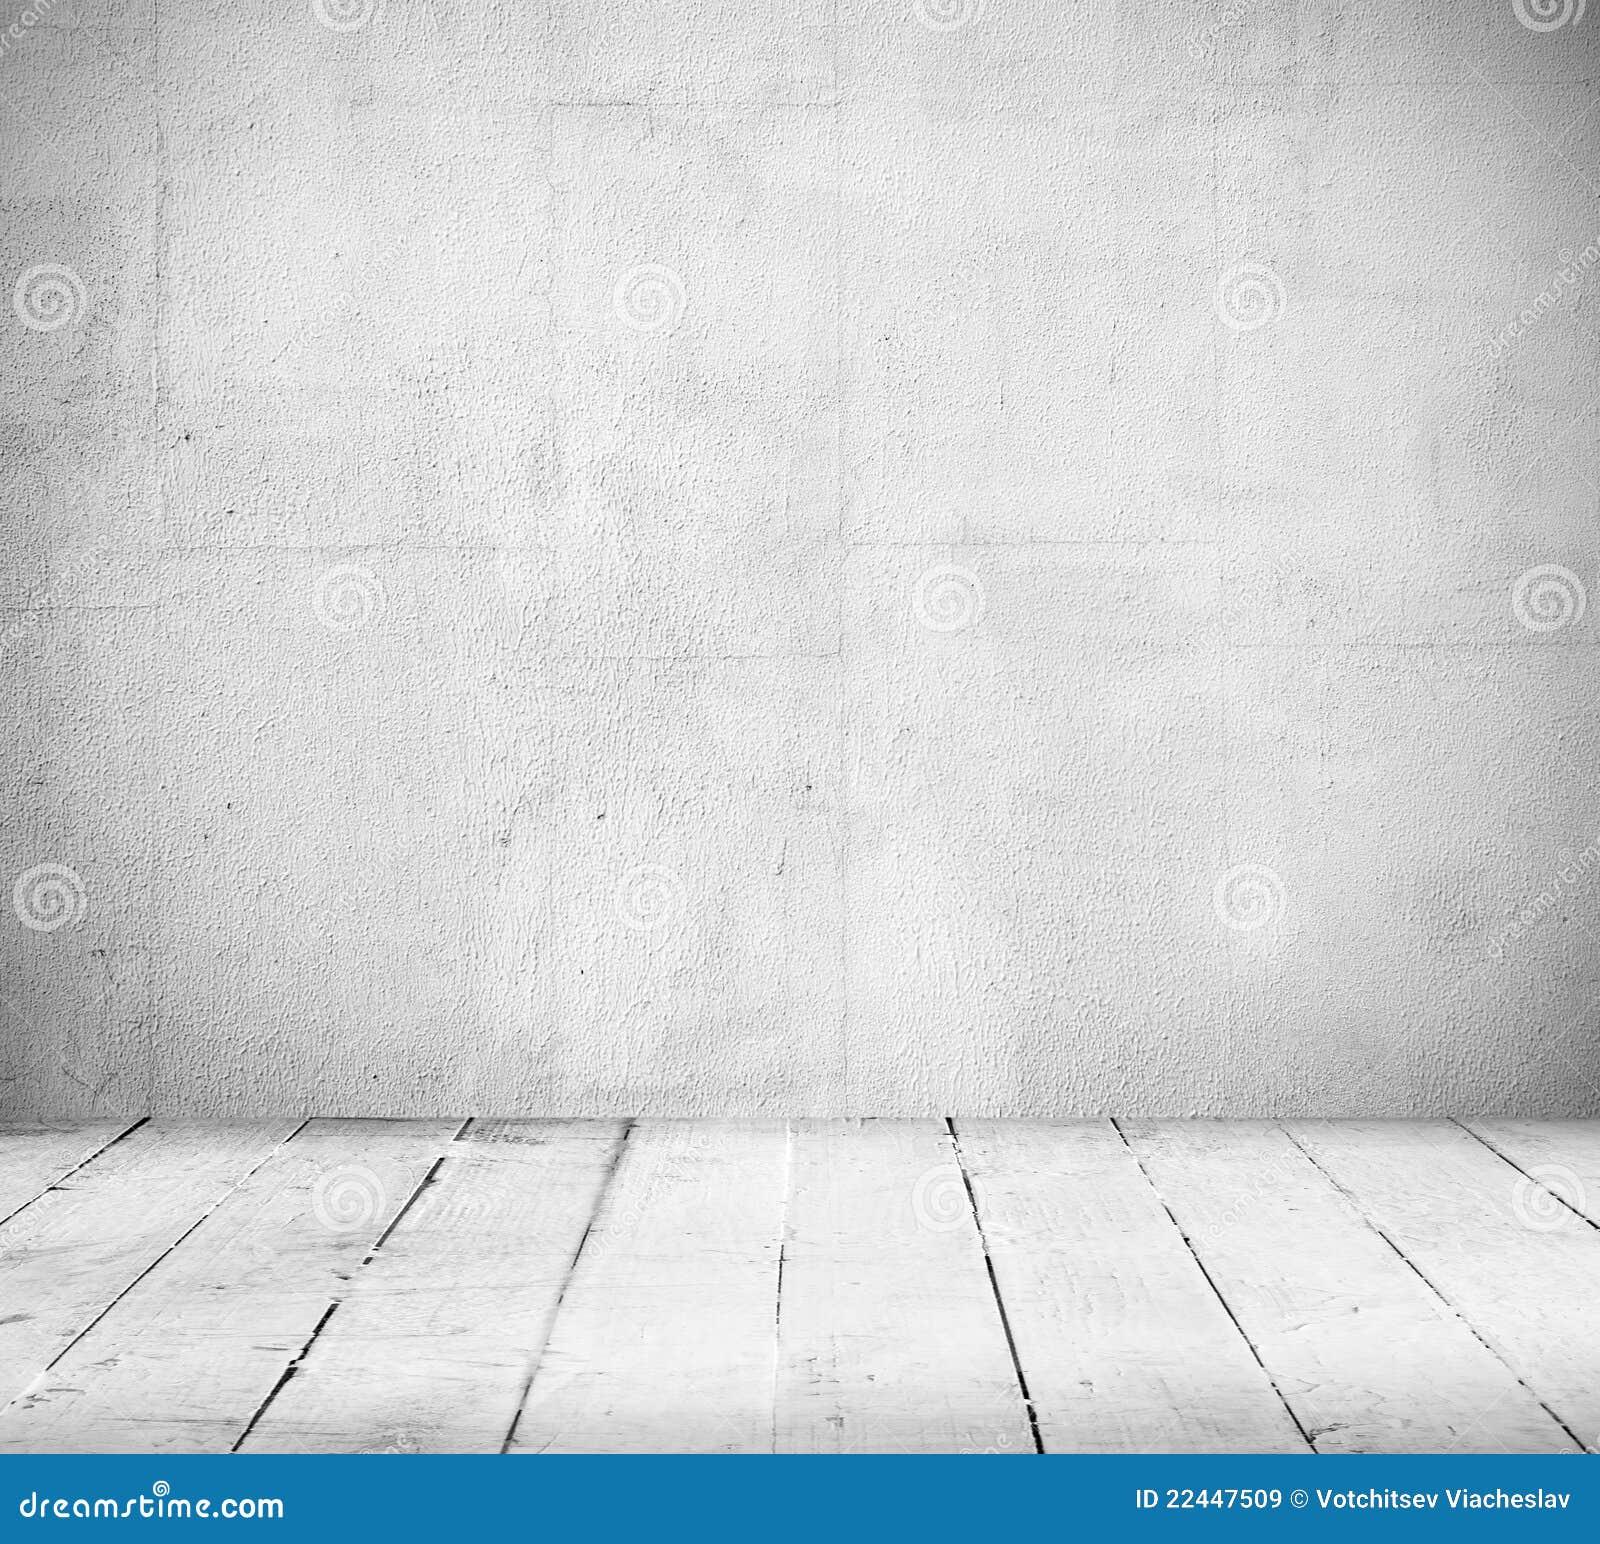 leerer raum und fu boden lizenzfreie stockbilder bild 22447509. Black Bedroom Furniture Sets. Home Design Ideas